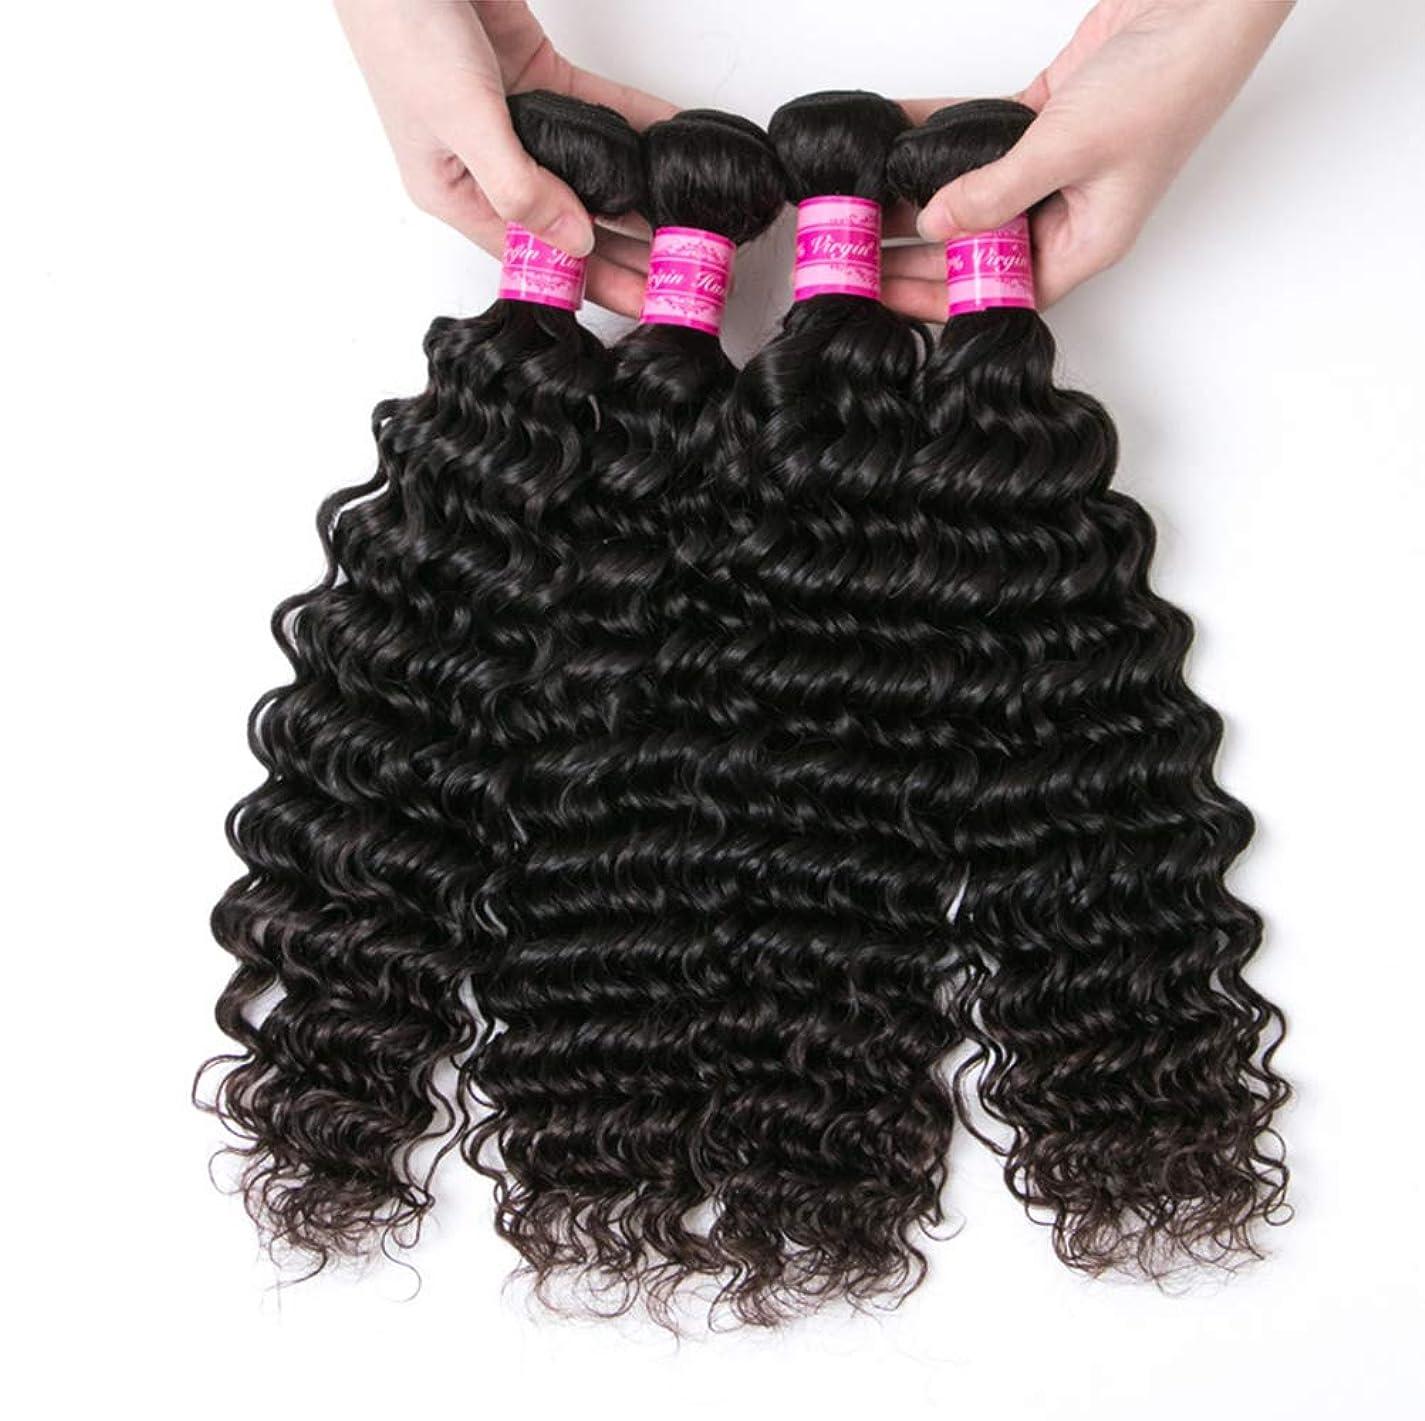 ポルトガル語分割コロニアル150%密度未処理ブラジルディープカーリーヘアバンドル本物の人間の髪の毛の束バージンブラジル髪